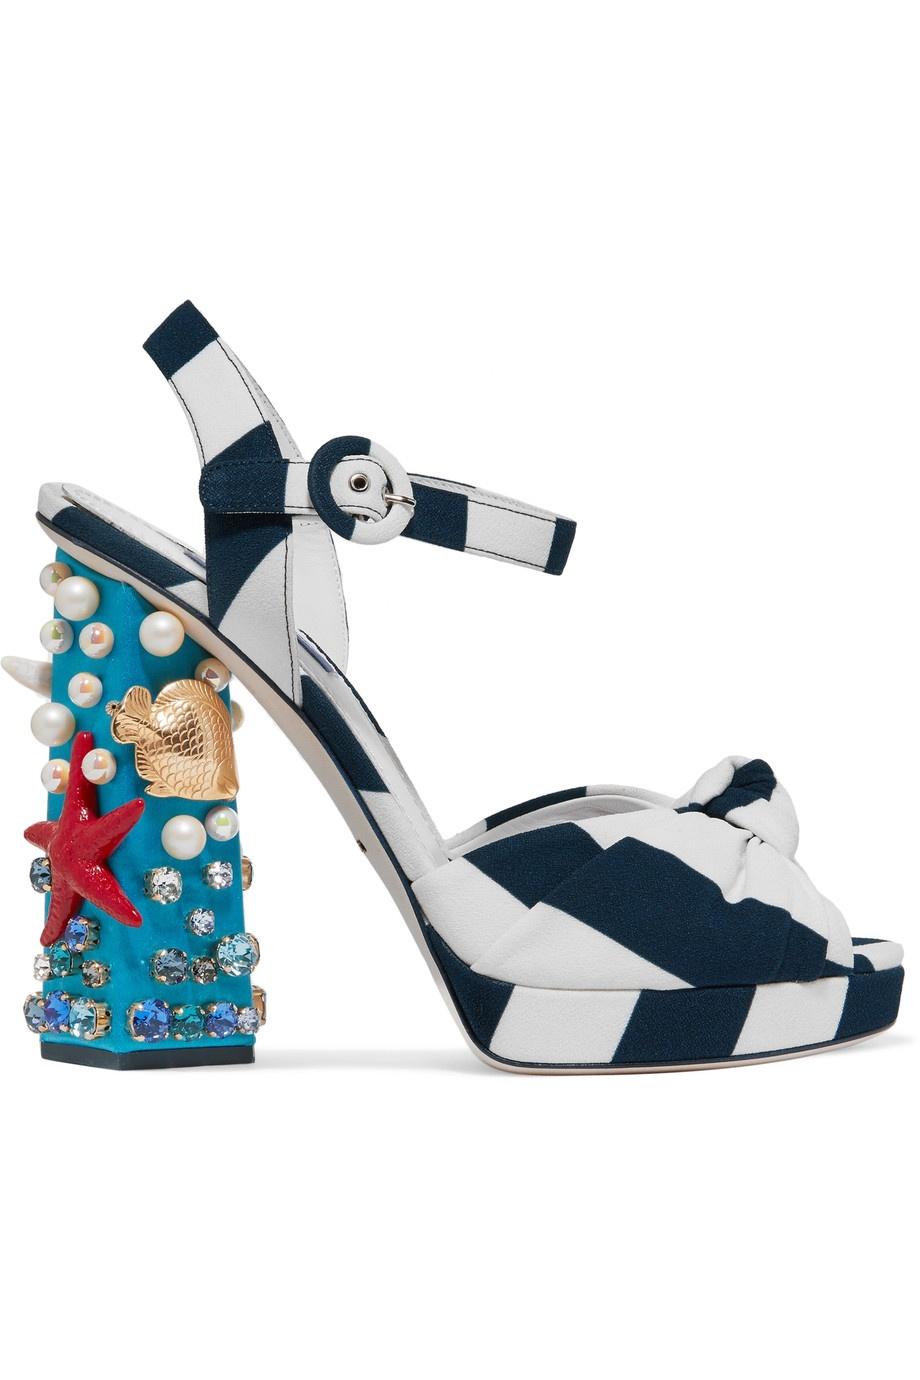 DOLCE & GABBANA Embellished striped canvas sandals